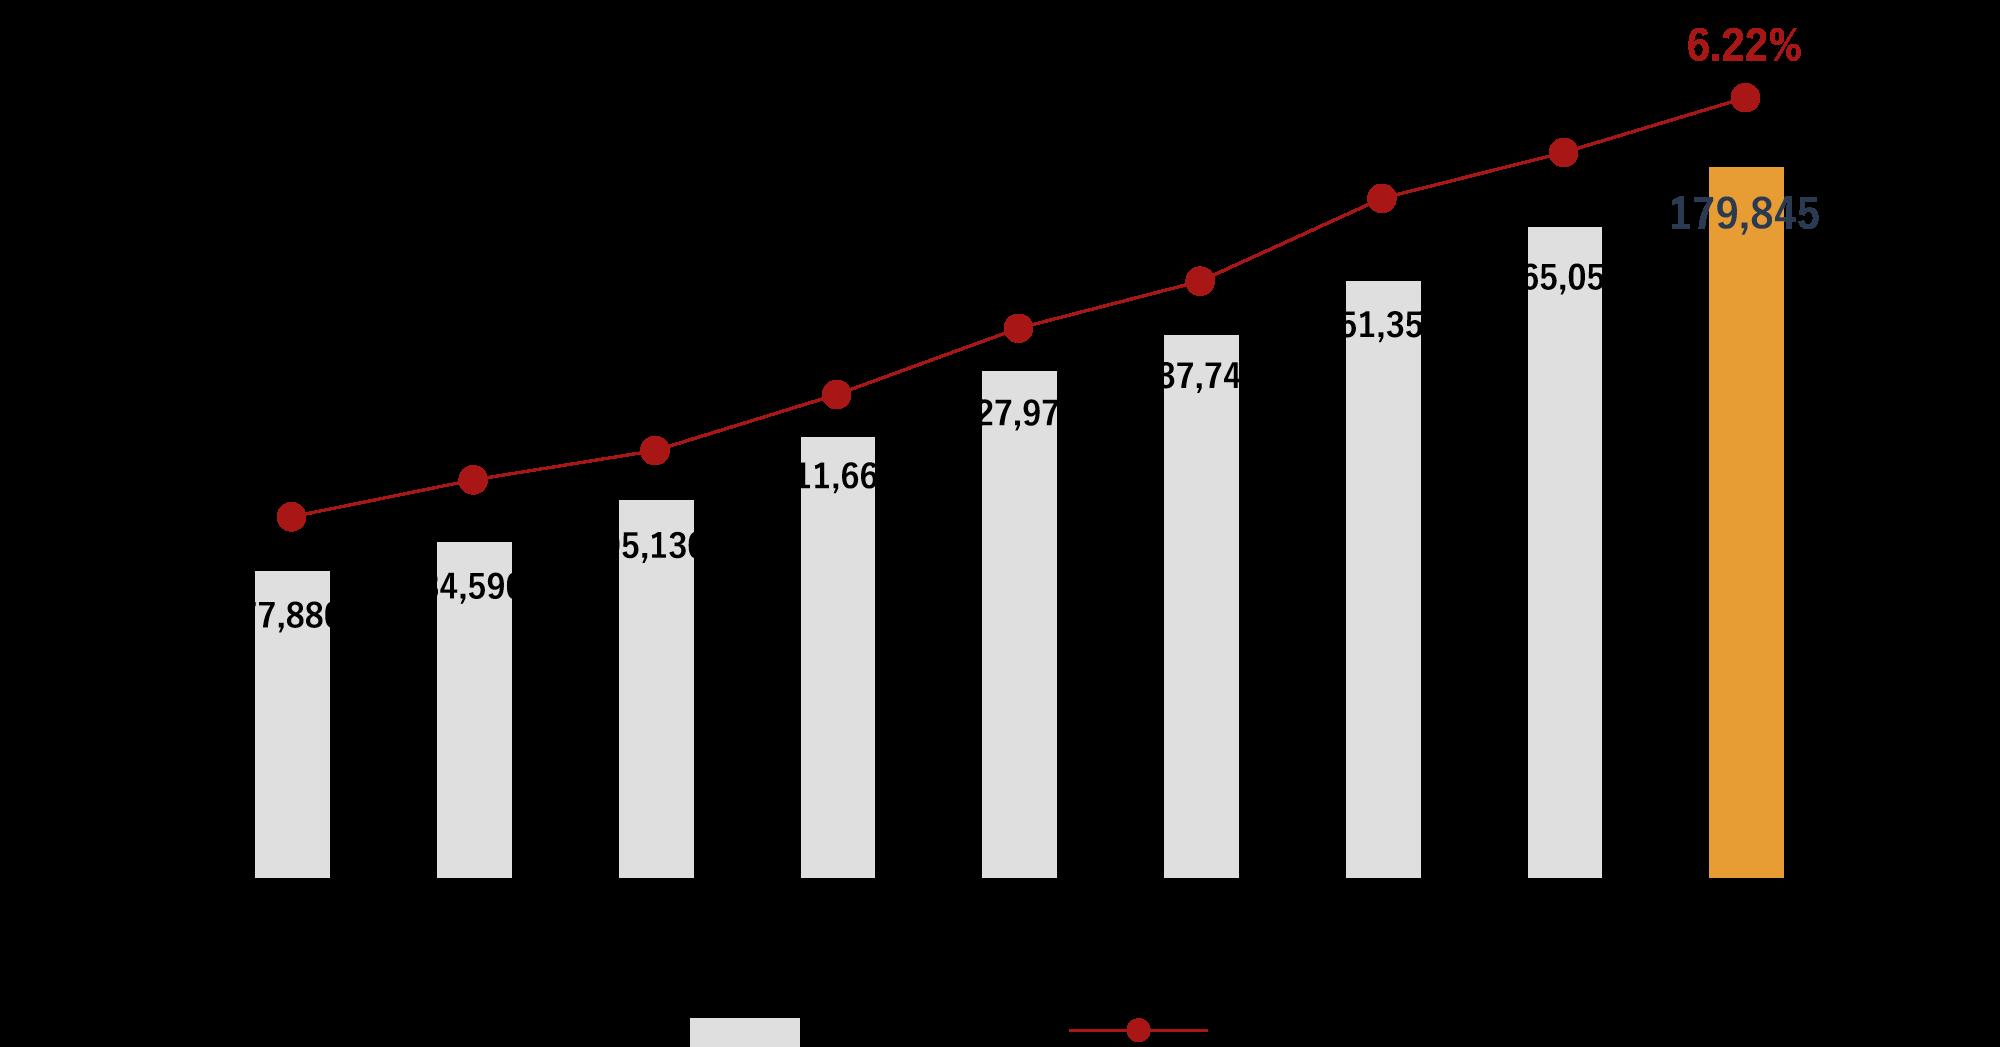 日本のAmazon市場規模の推移